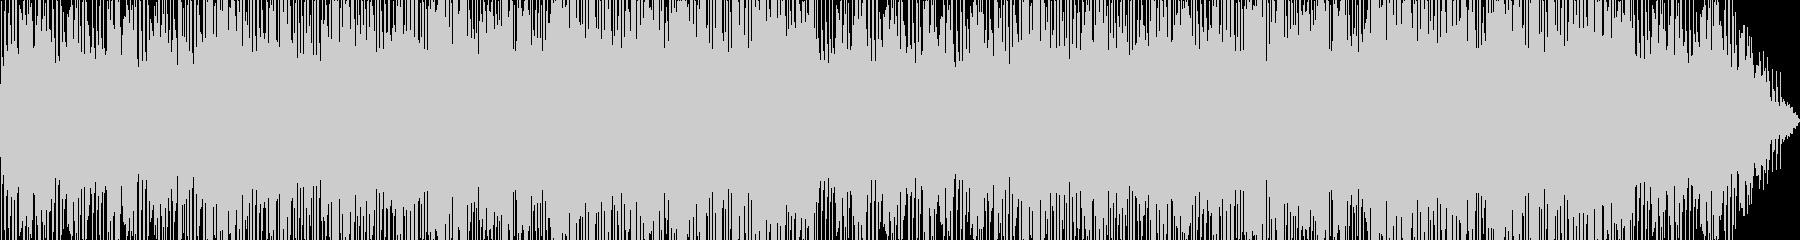 エレキギター旋律の夏らしいフュージョンの未再生の波形